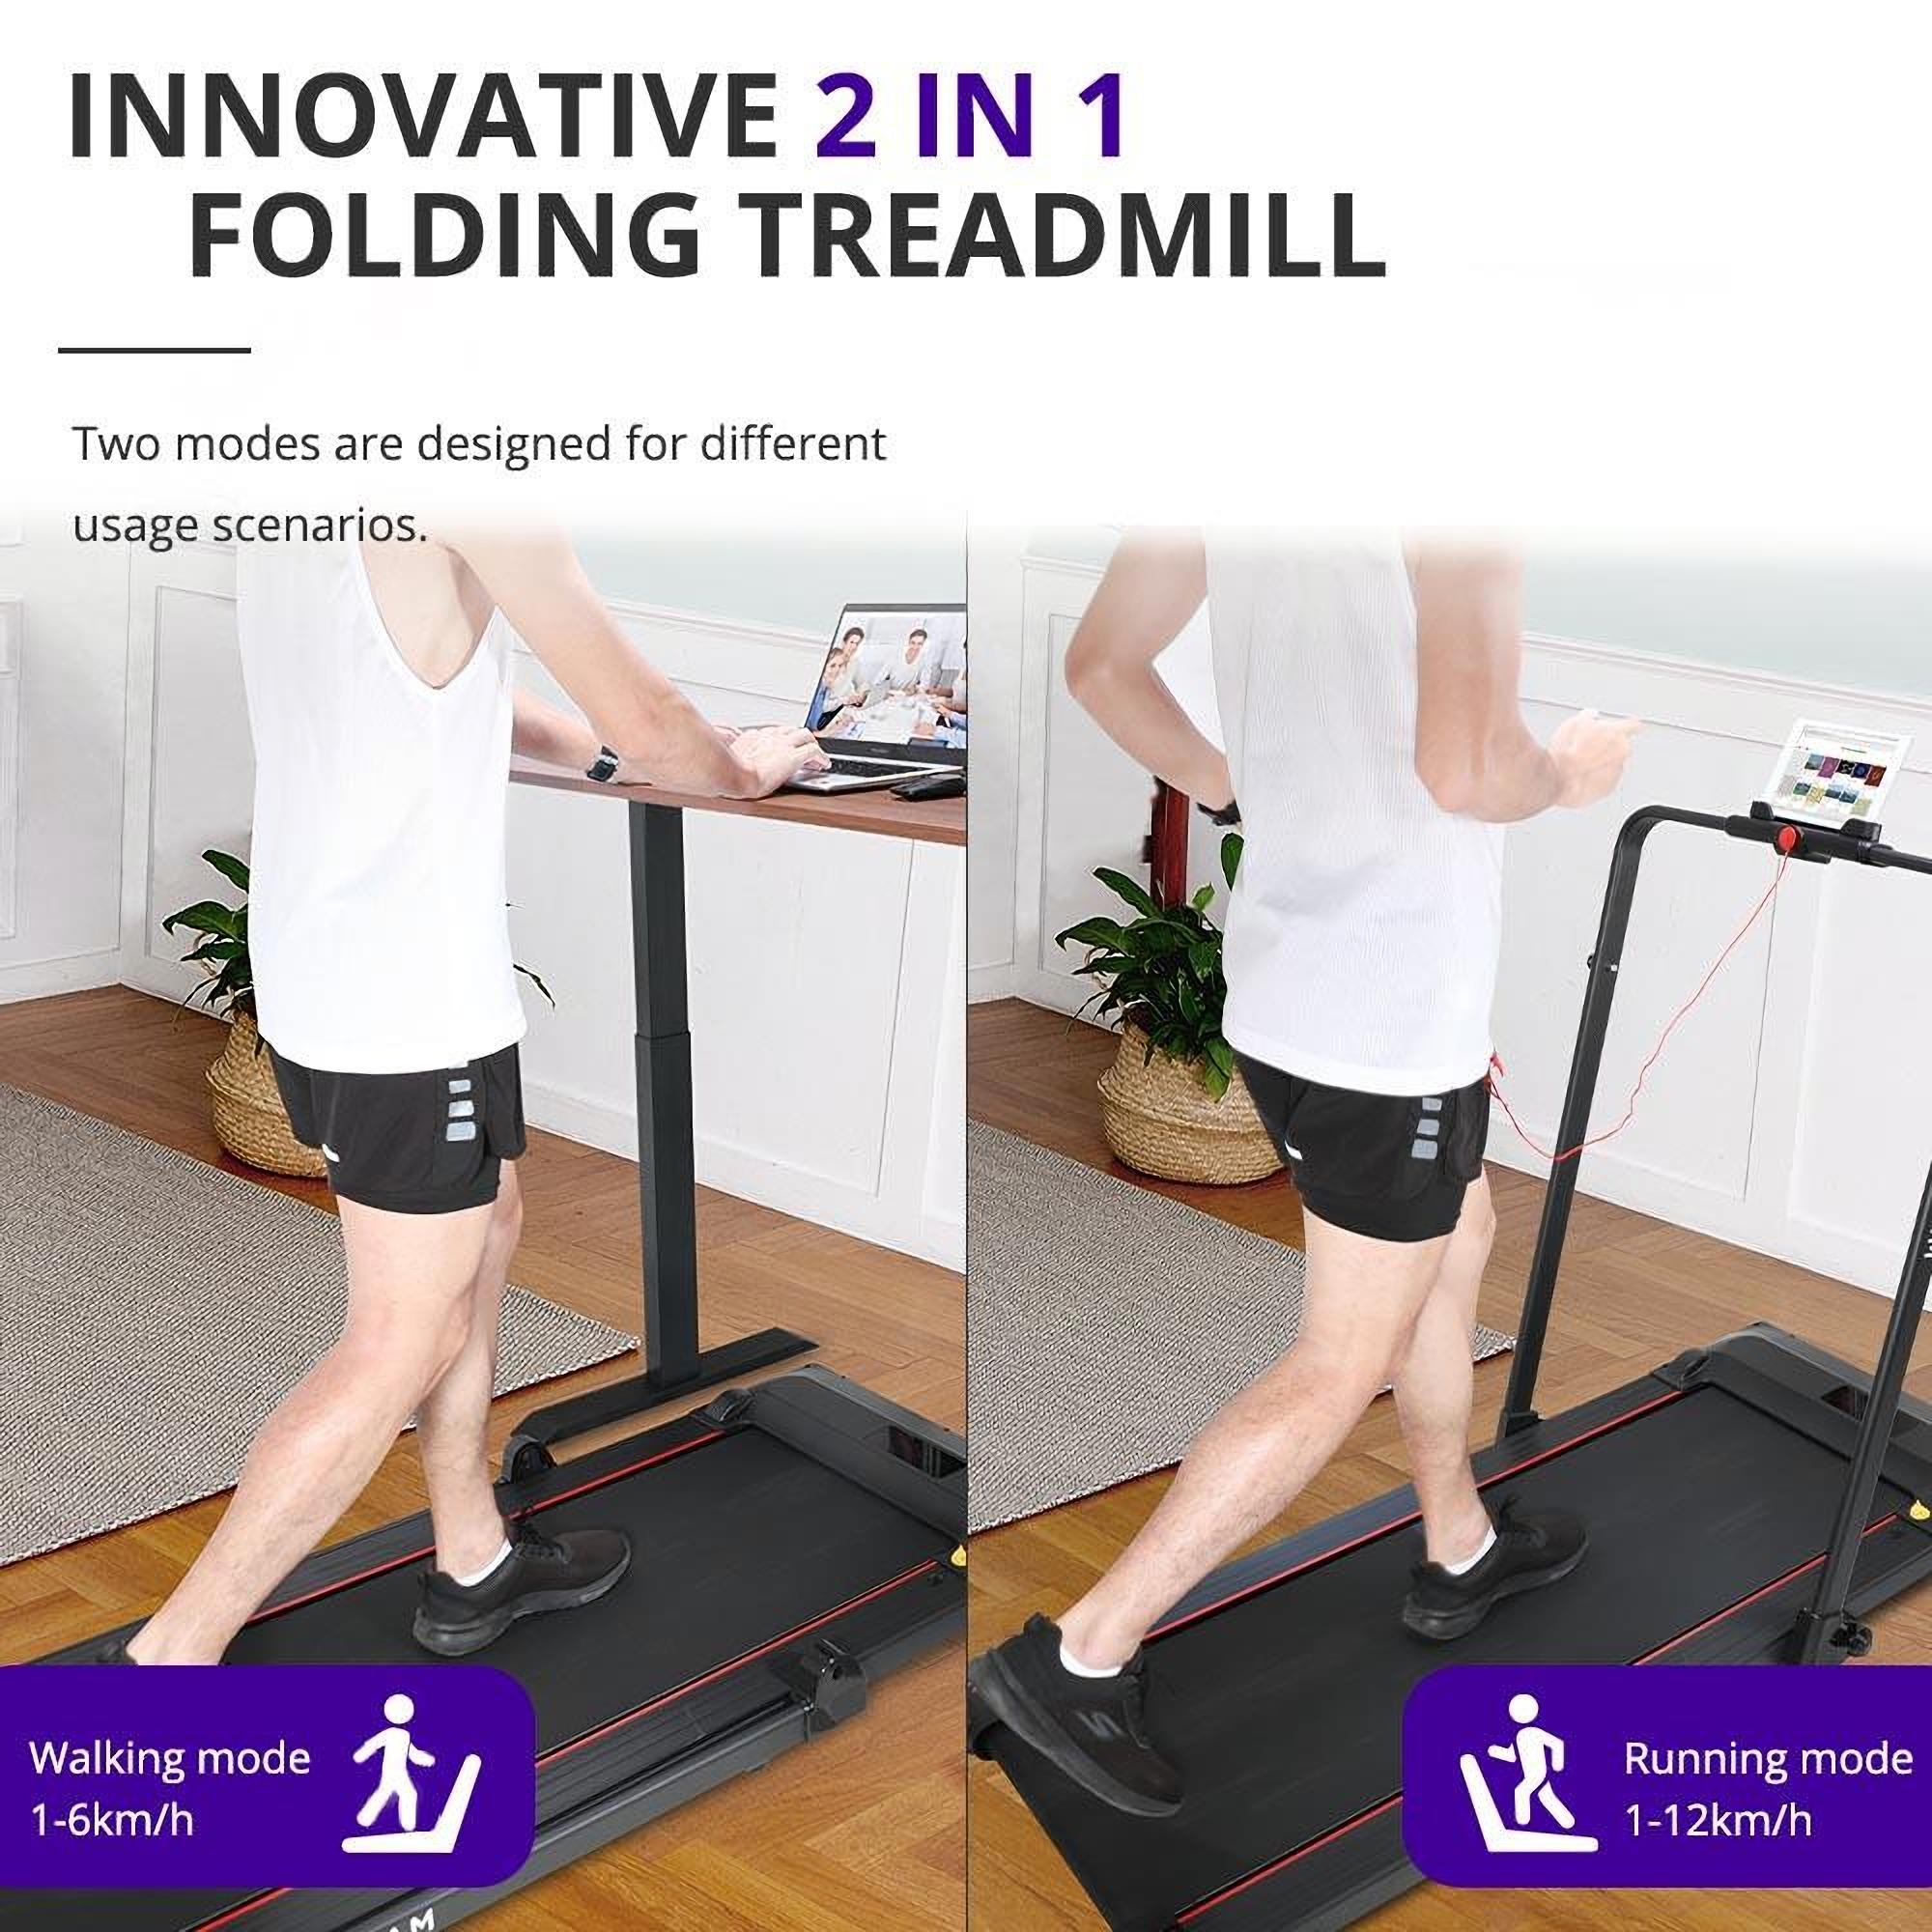 Chcete mít pohyb a zároveň pracovat? S tím vám může skvěle pomoci například ACGAM T02P! [sponzorovaný článek]